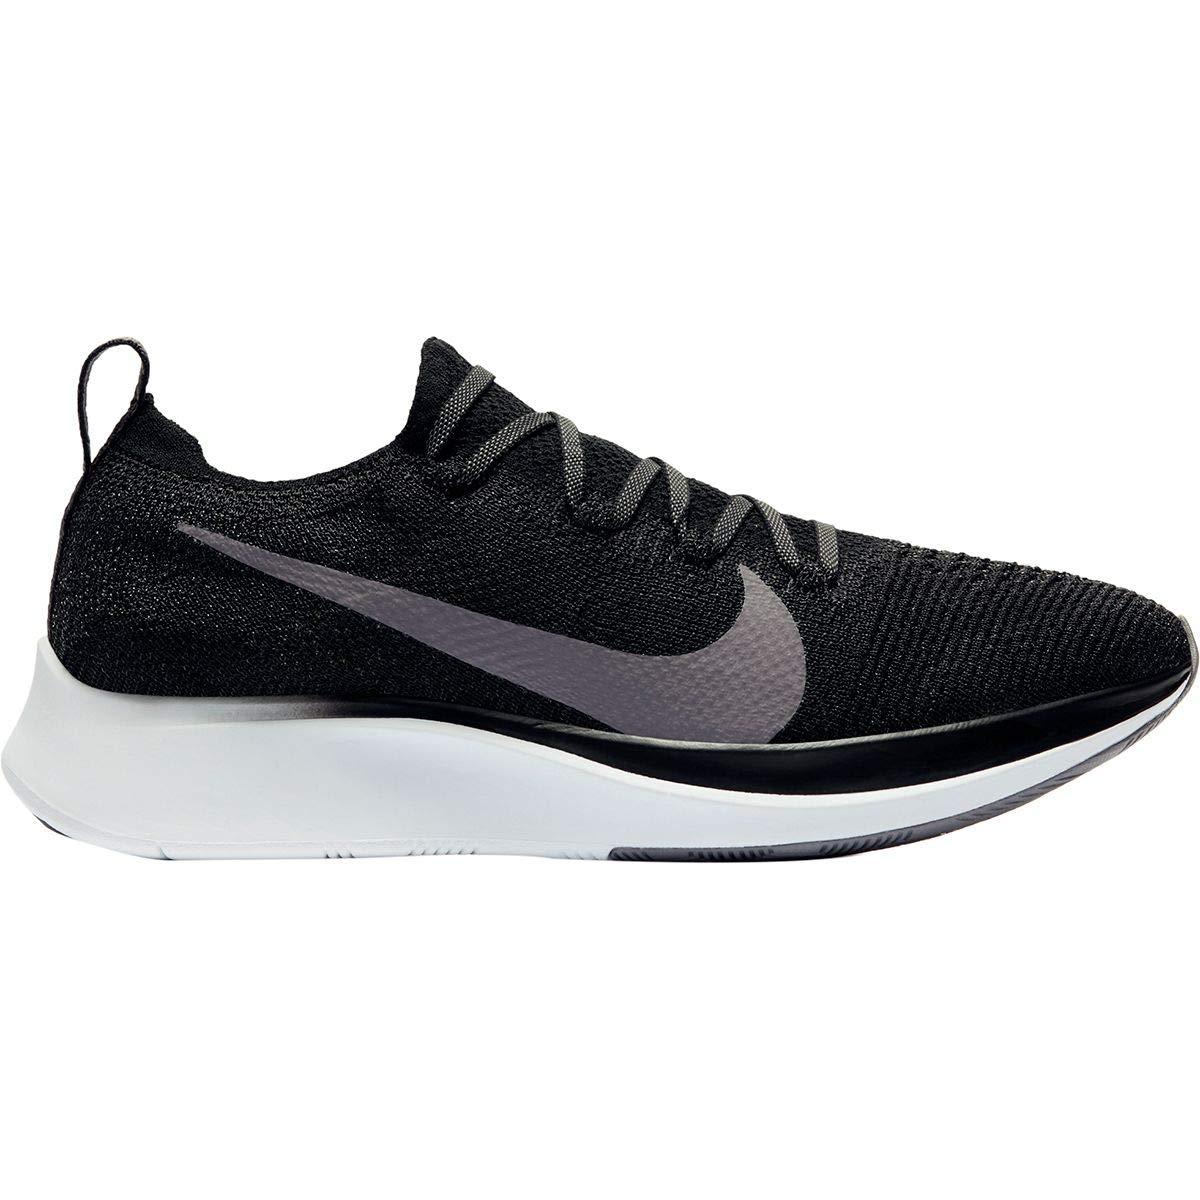 【予約中!】 [ナイキ] レディース ランニング Zoom Flyknit Fly [並行輸入品] Flyknit Running Shoe [並行輸入品] Zoom B07MMQR48L 7.5, ダンスシューズ専門店 モニシャン:037b3c2d --- fitnessmarathi.com